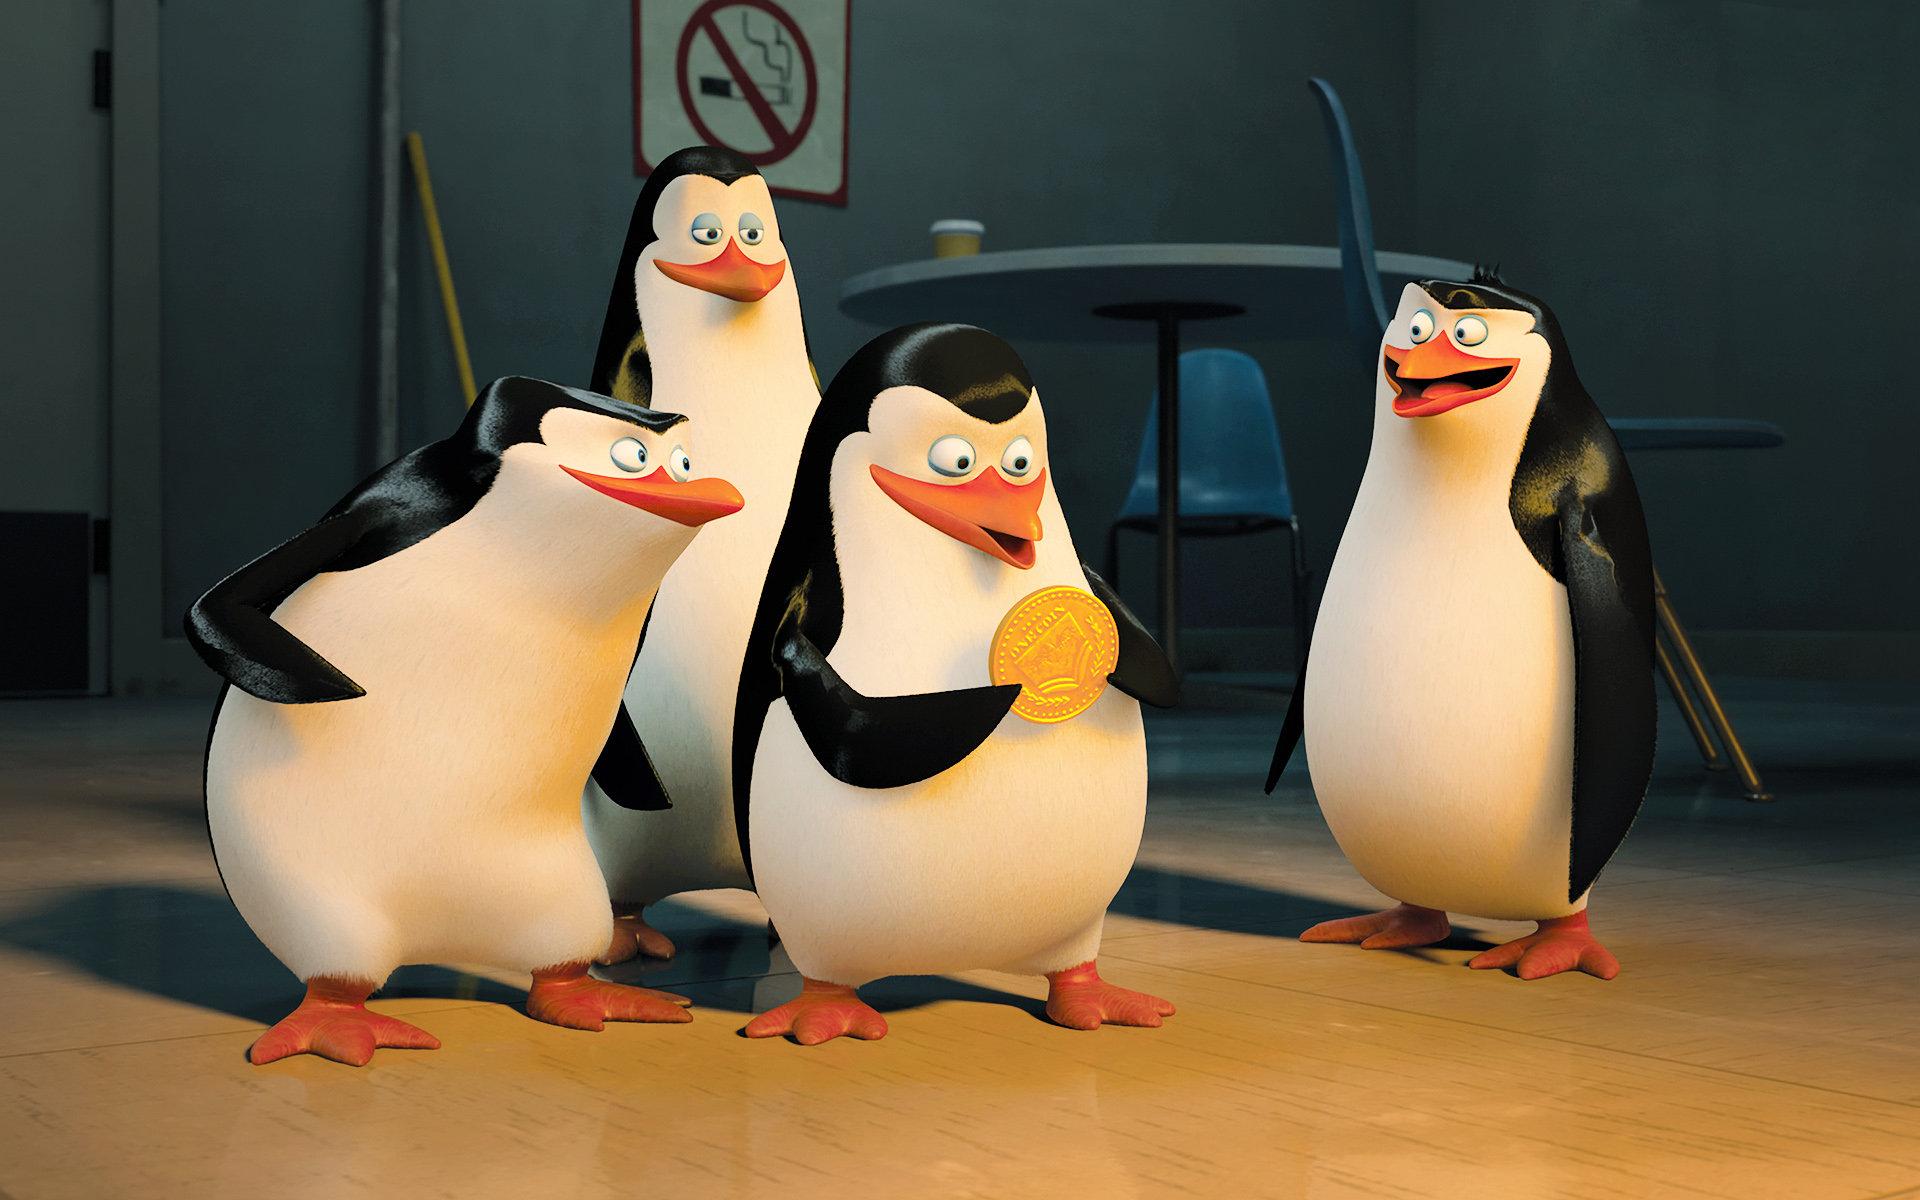 penguins of madagascar wallpapers hd for desktop backgrounds